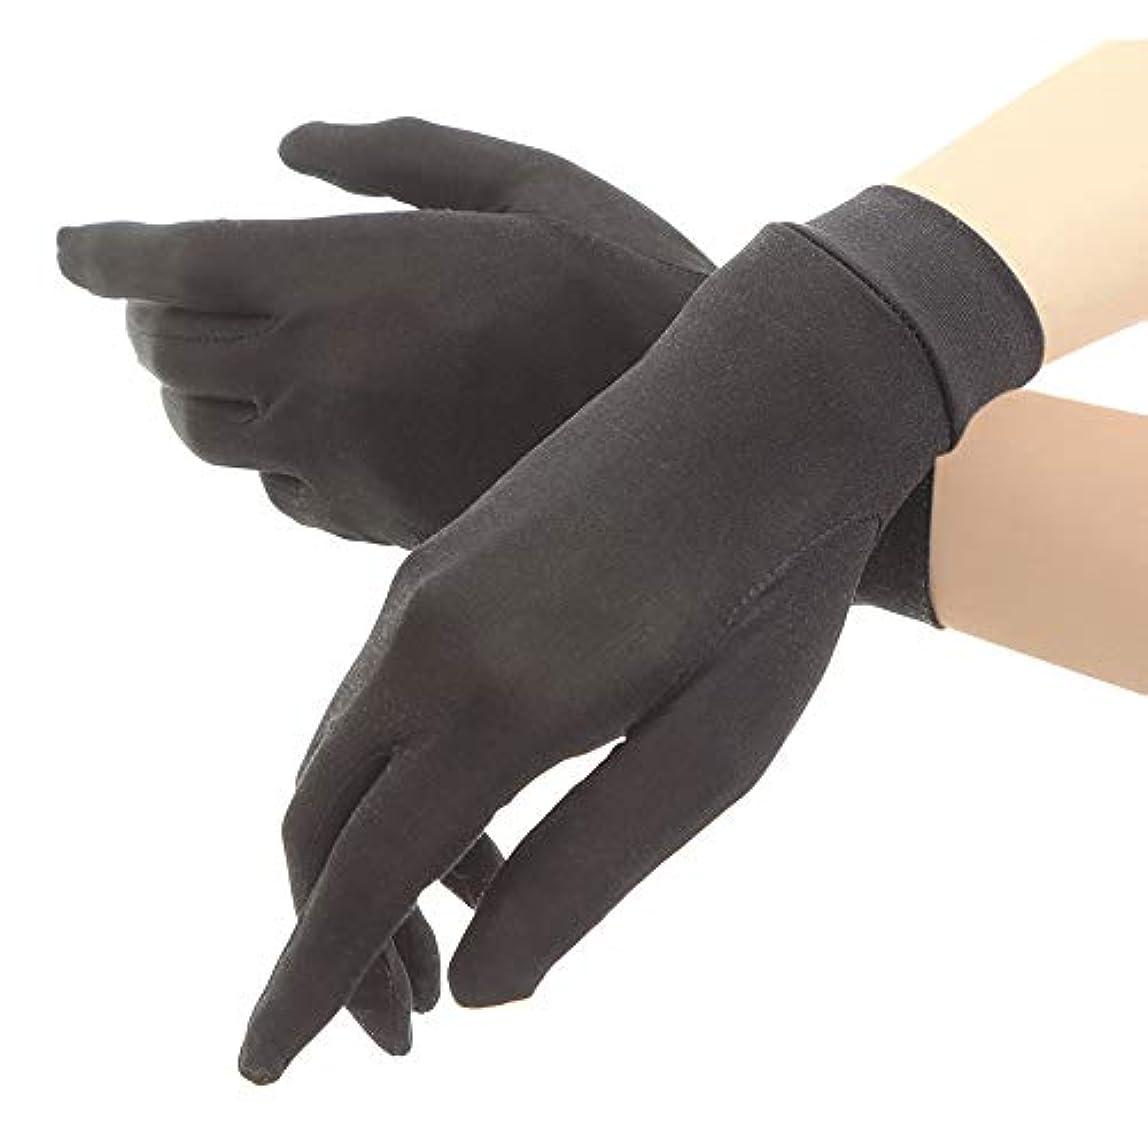 黒板斧送ったシルク手袋 レディース 手袋 シルク 絹 ハンド ケア 保湿 紫外線 肌荒れ 乾燥 サイズアップで手指にマッチ 【macch】